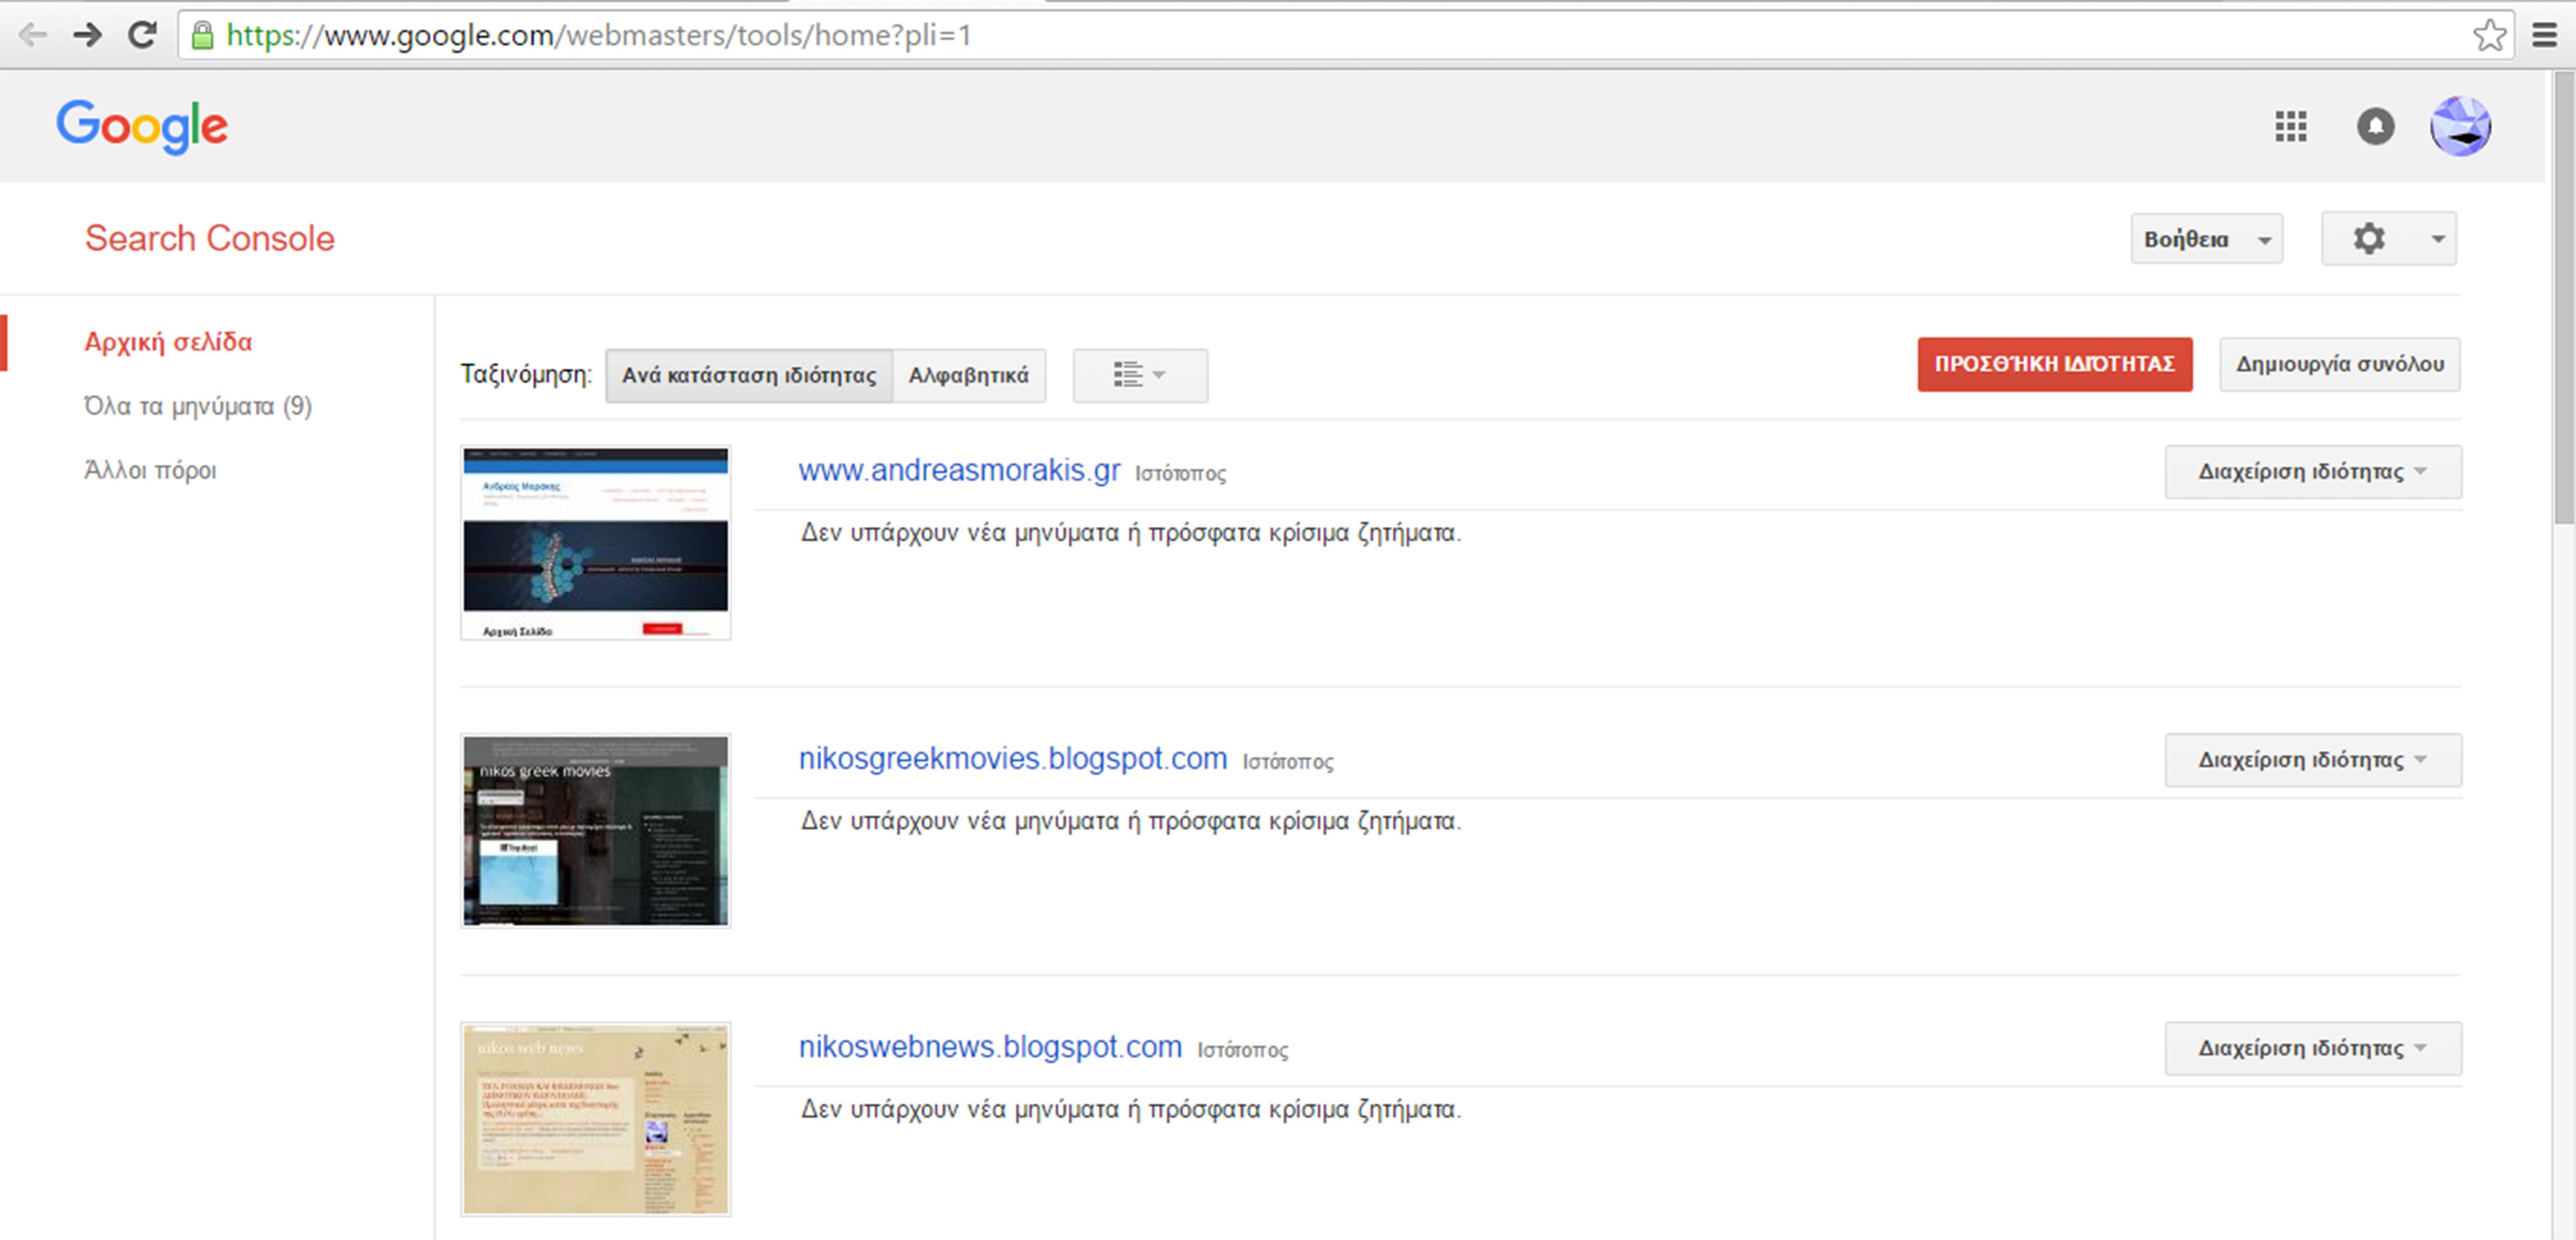 Εργαλεία Διαχείρισης Google (Webmaster tools)